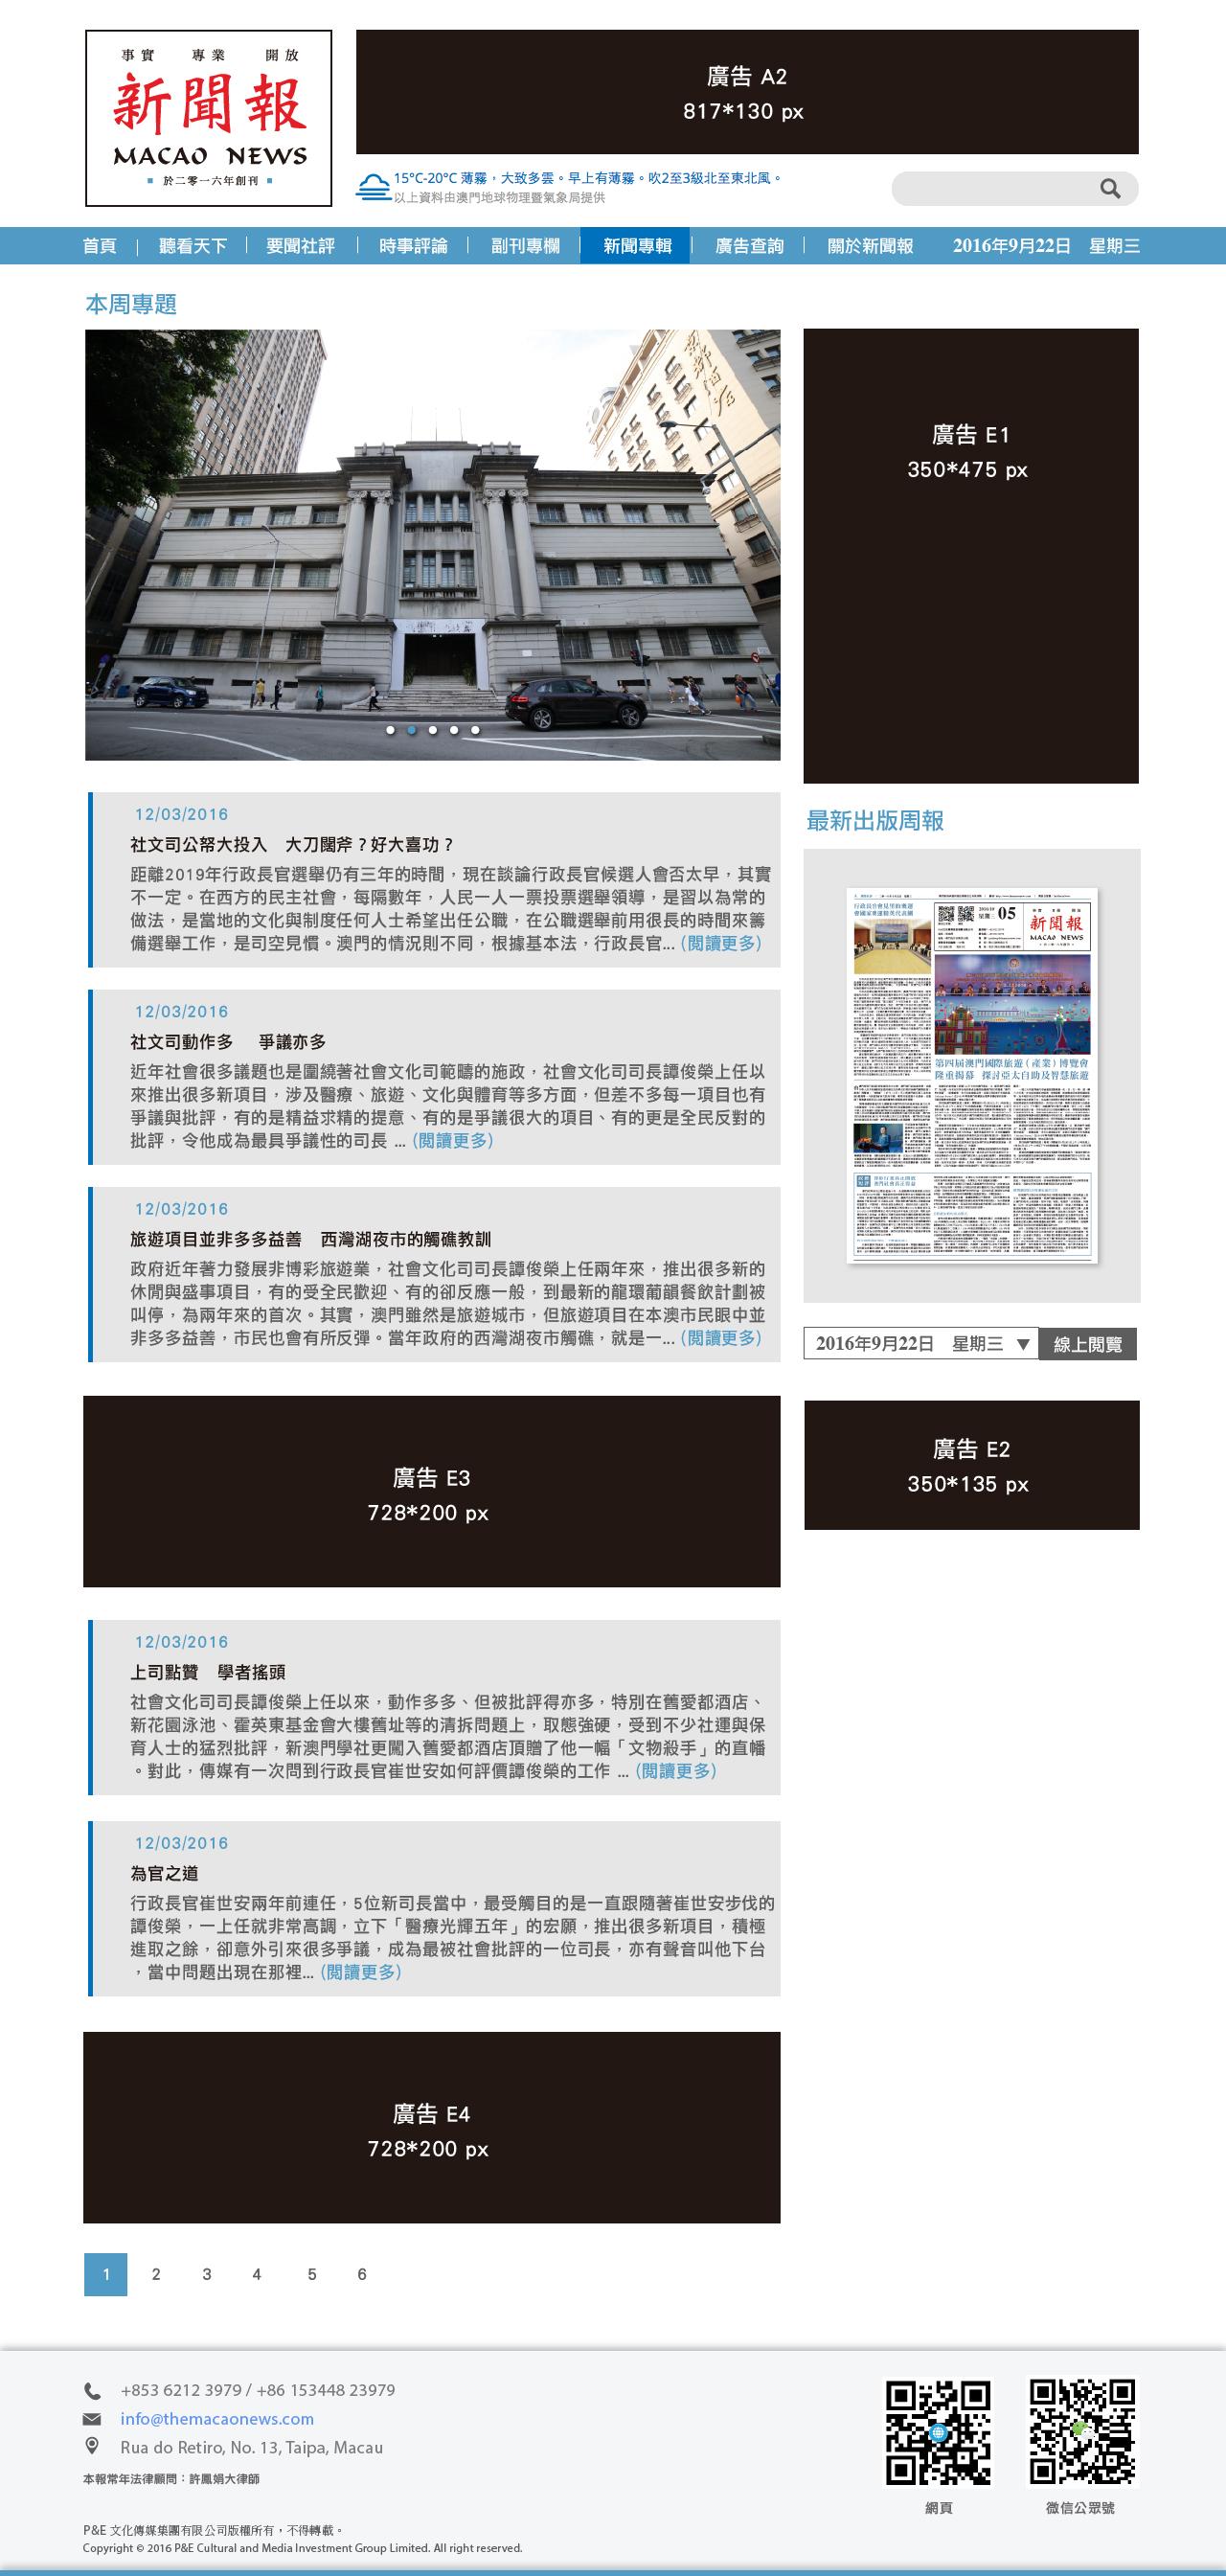 macao-news-website-ad-03